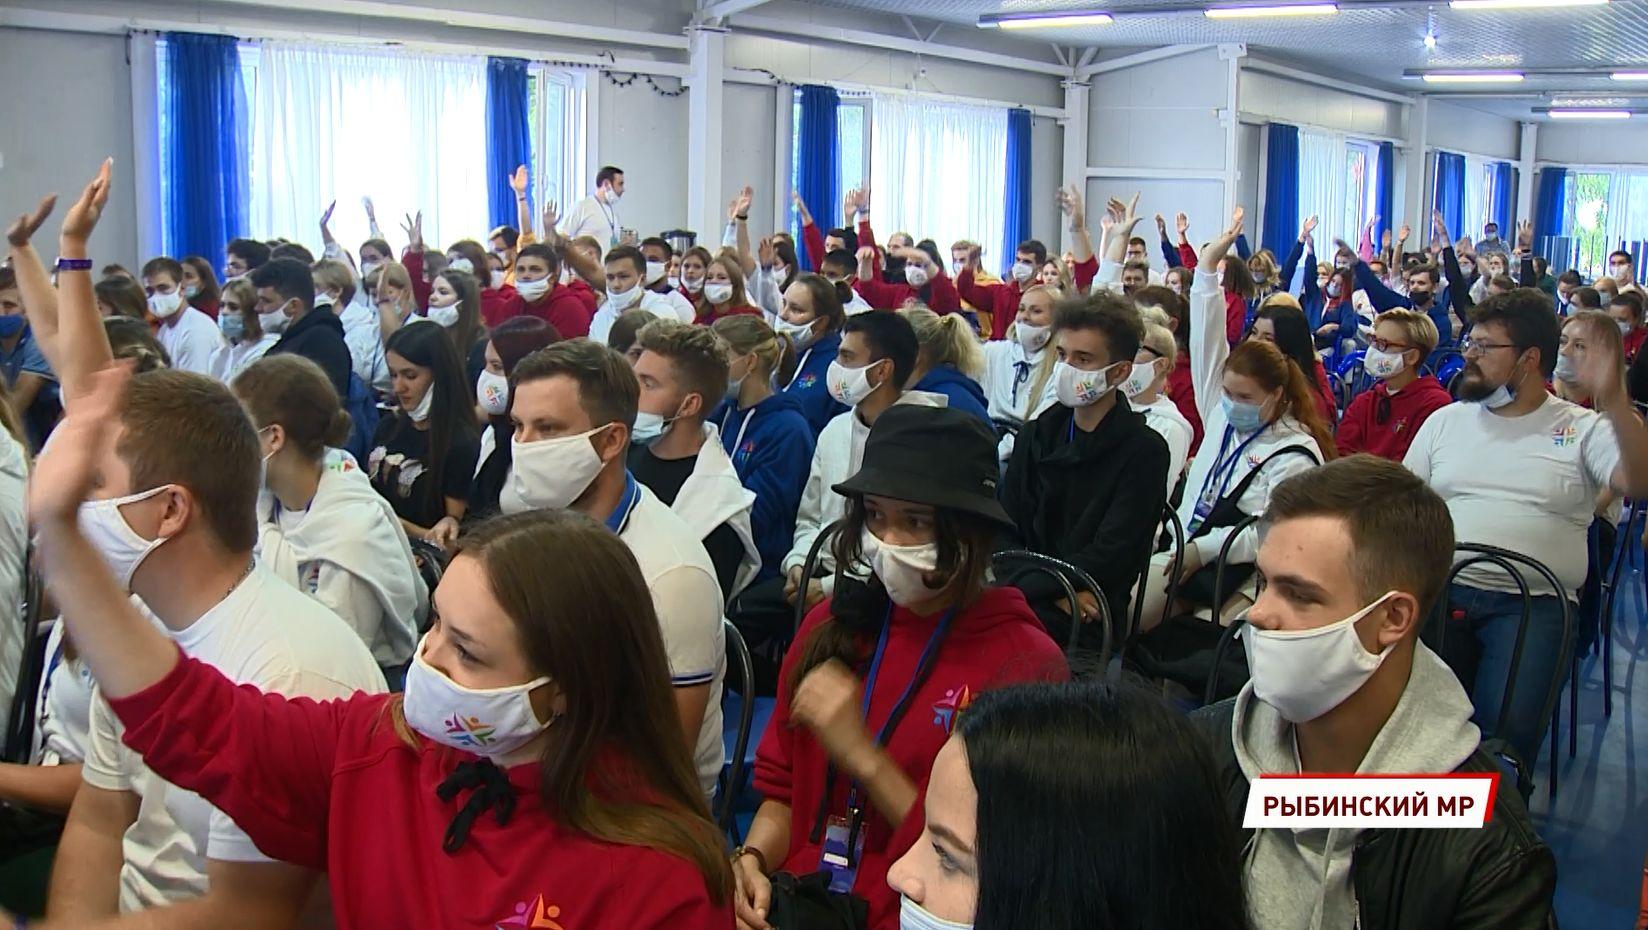 В Ярославской области завершился межрегиональный молодежный форум «Мы дети твои, Россия»